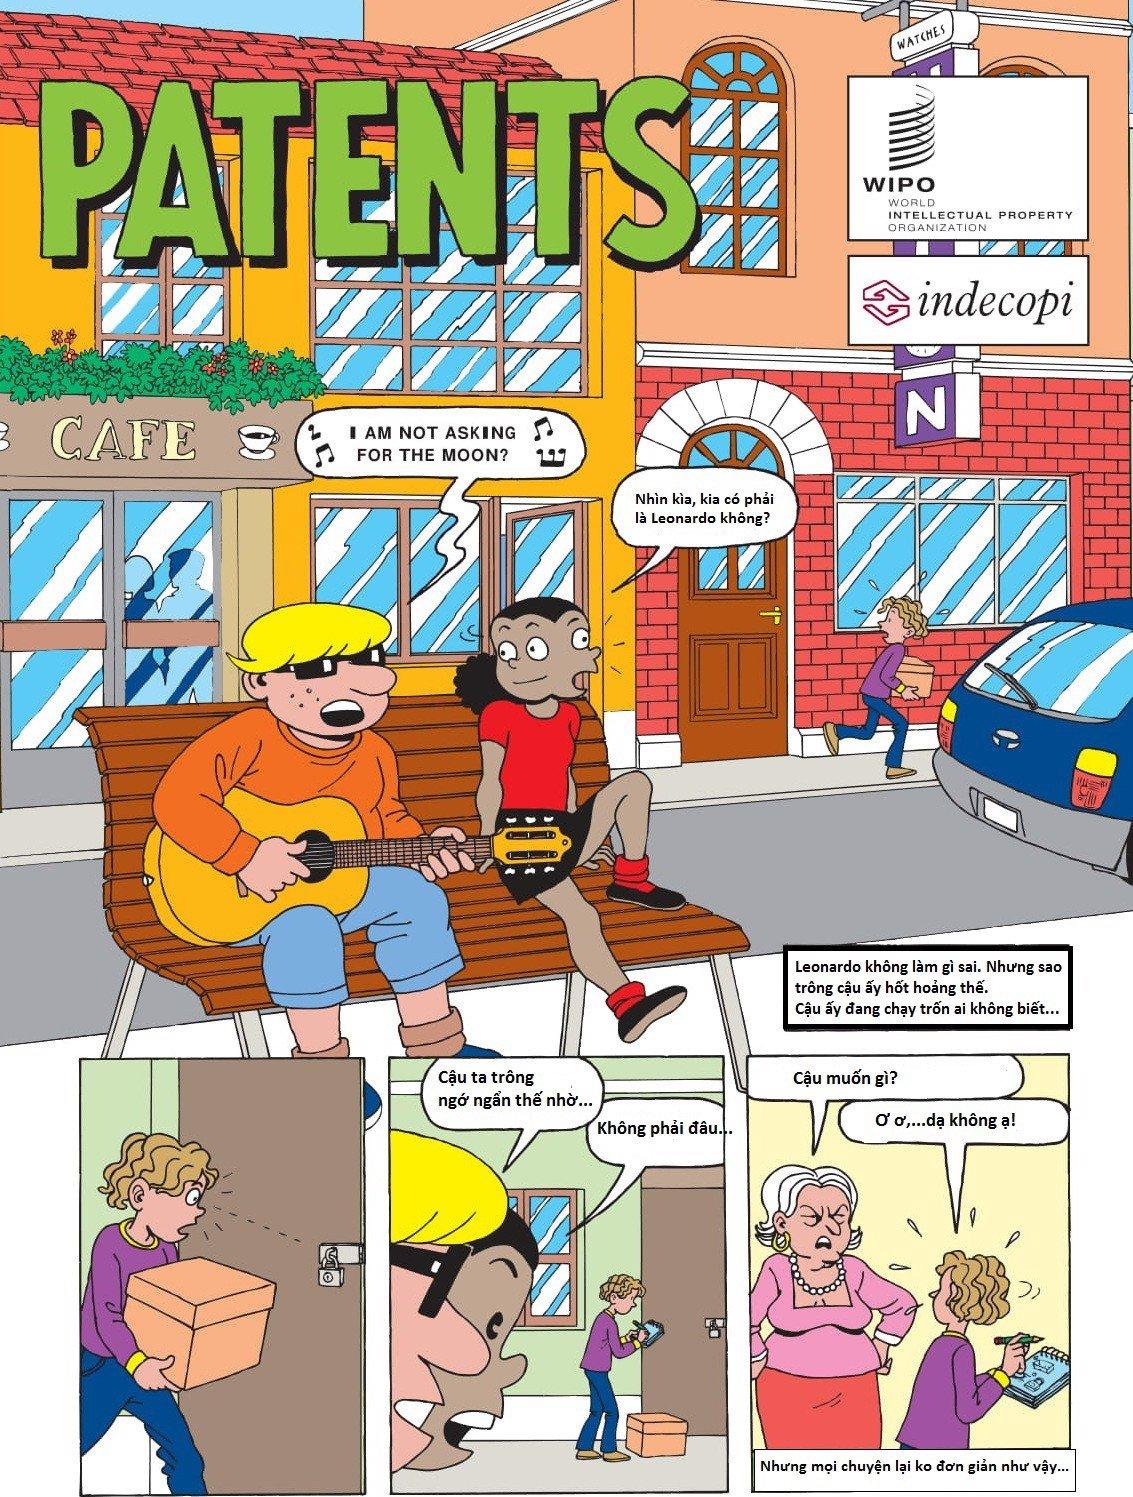 truyện tranh về sáng chế